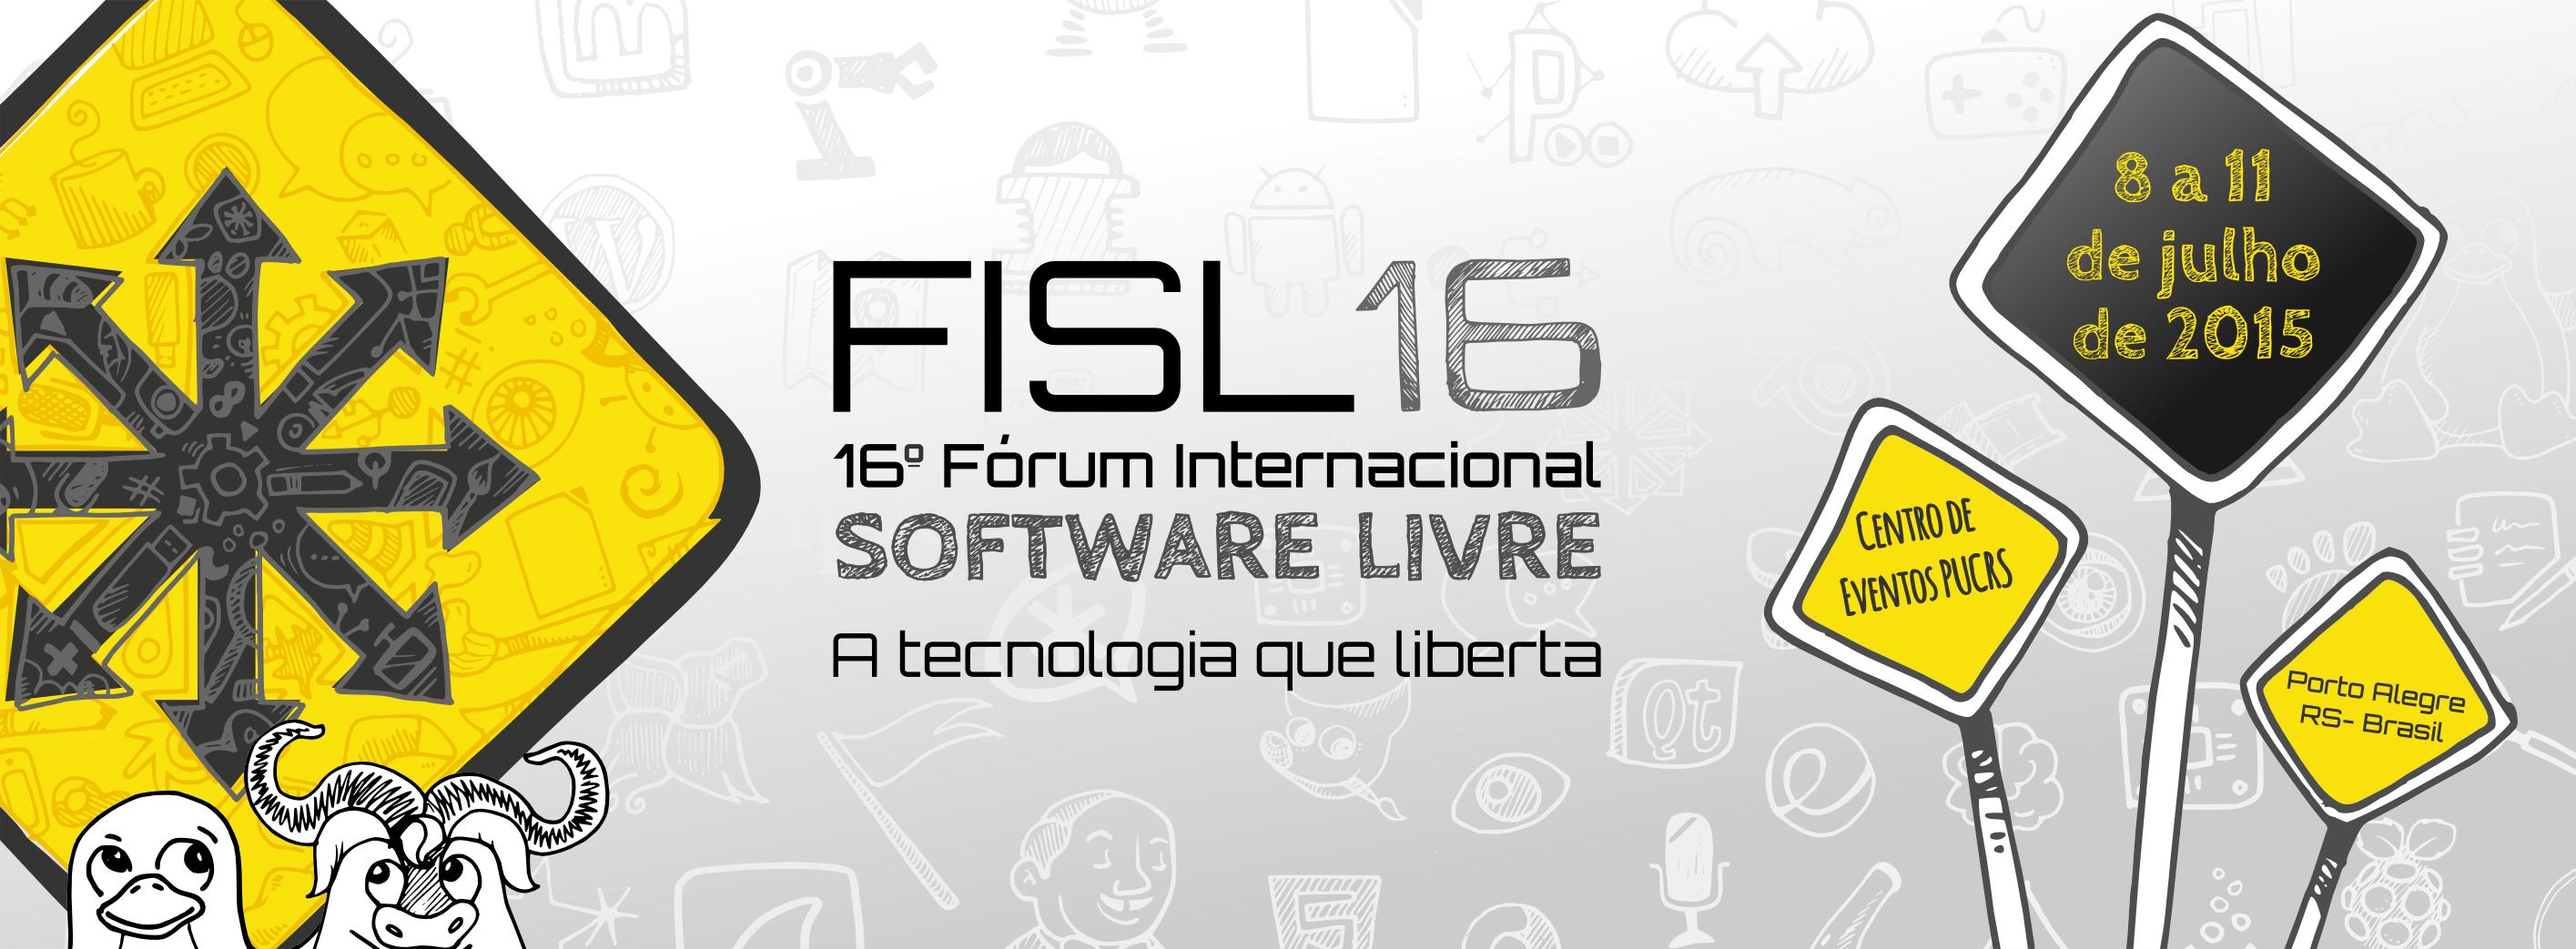 FISL16_Capa